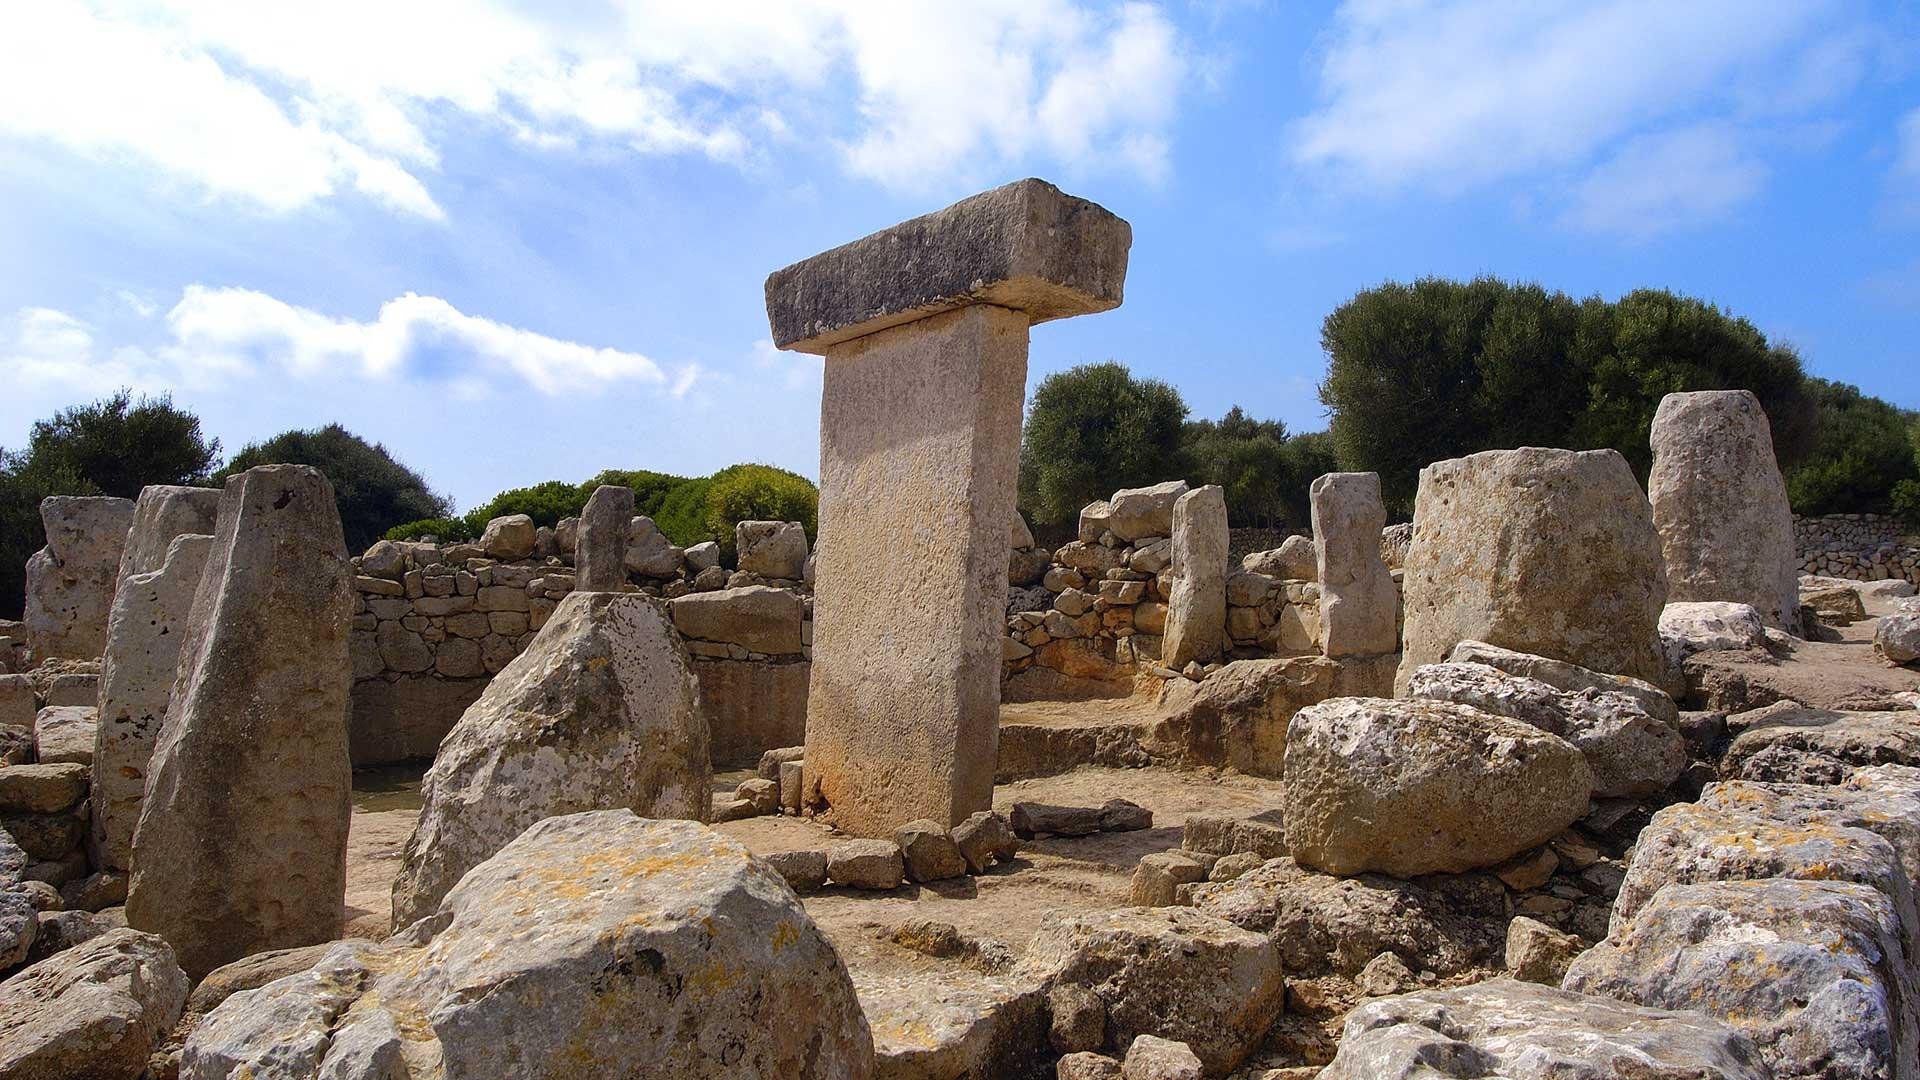 Imagen Archaeological Site Torralba d'en Salort